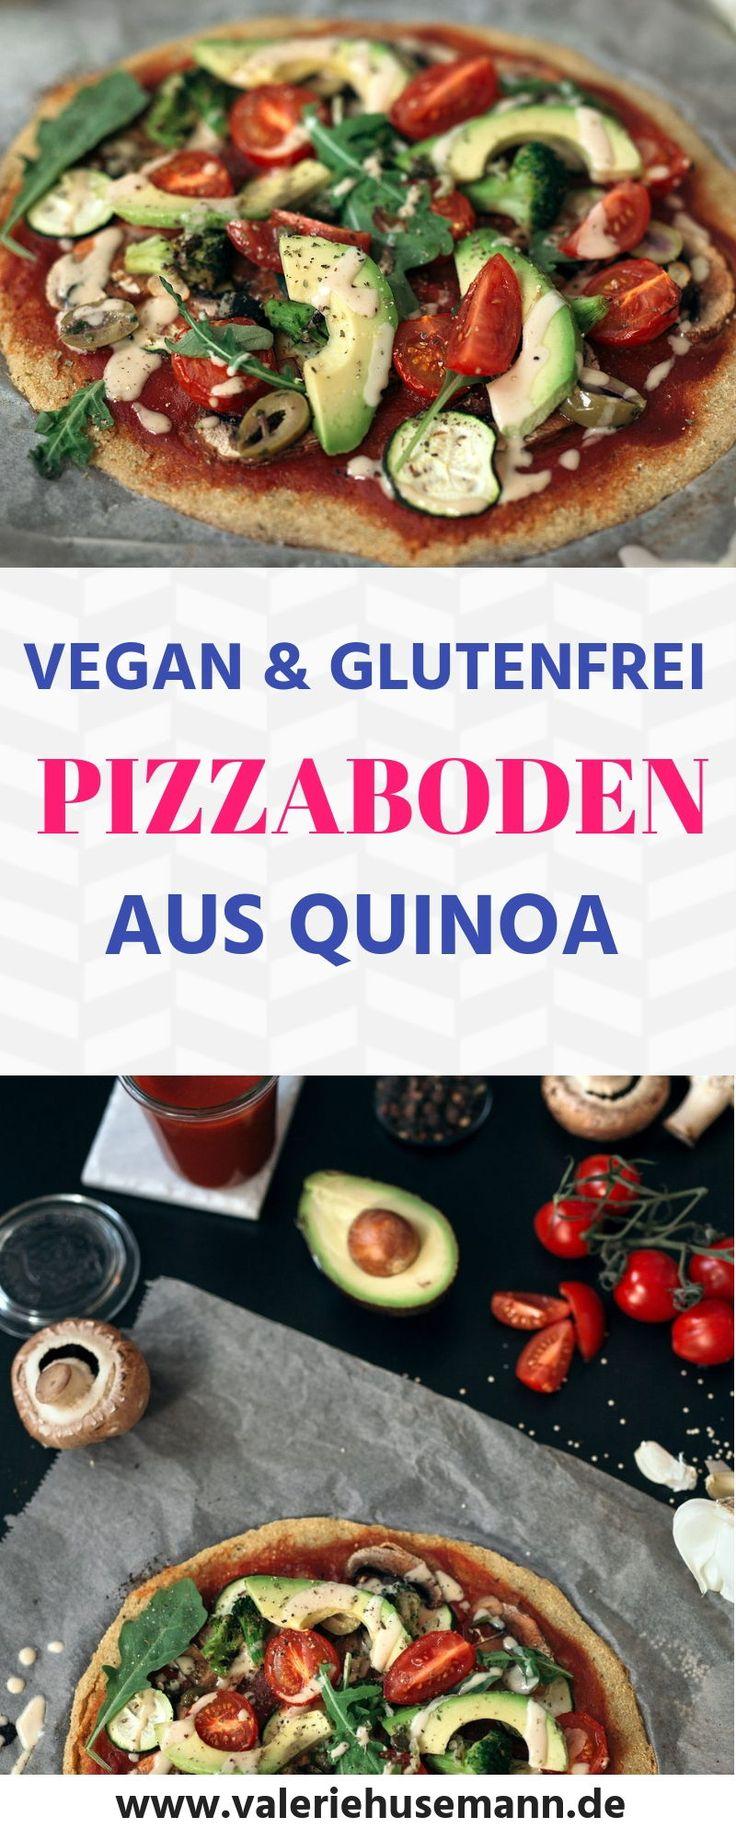 Quinoa pizza topping, vegan, sem glúten, receitas vegan alemão, receitas veganas com …